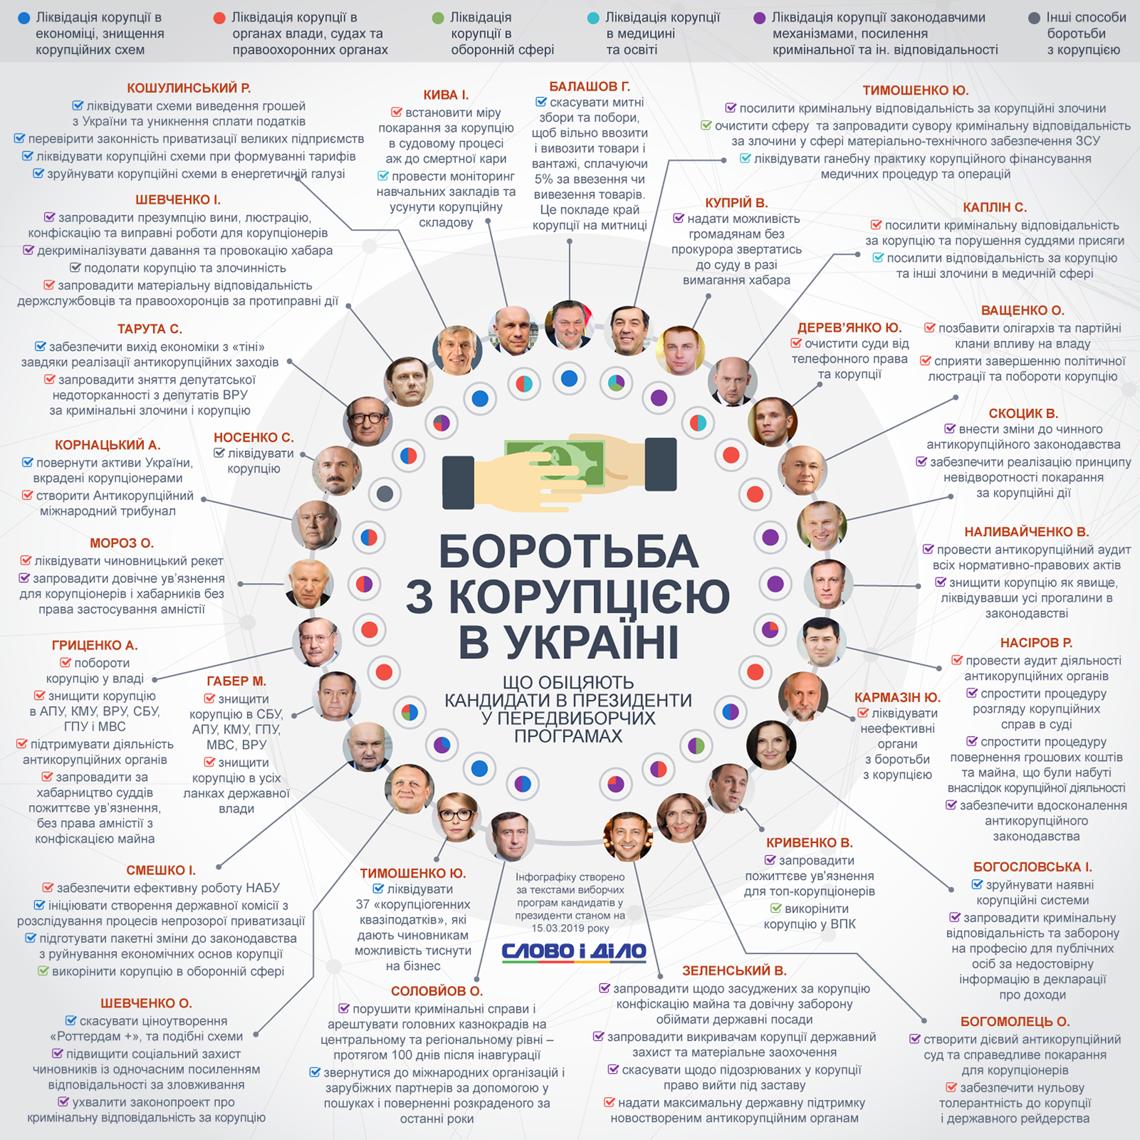 Геннадий Балашов уверен, что конец коррупции на таможне может положить отмена пошлин и сборов